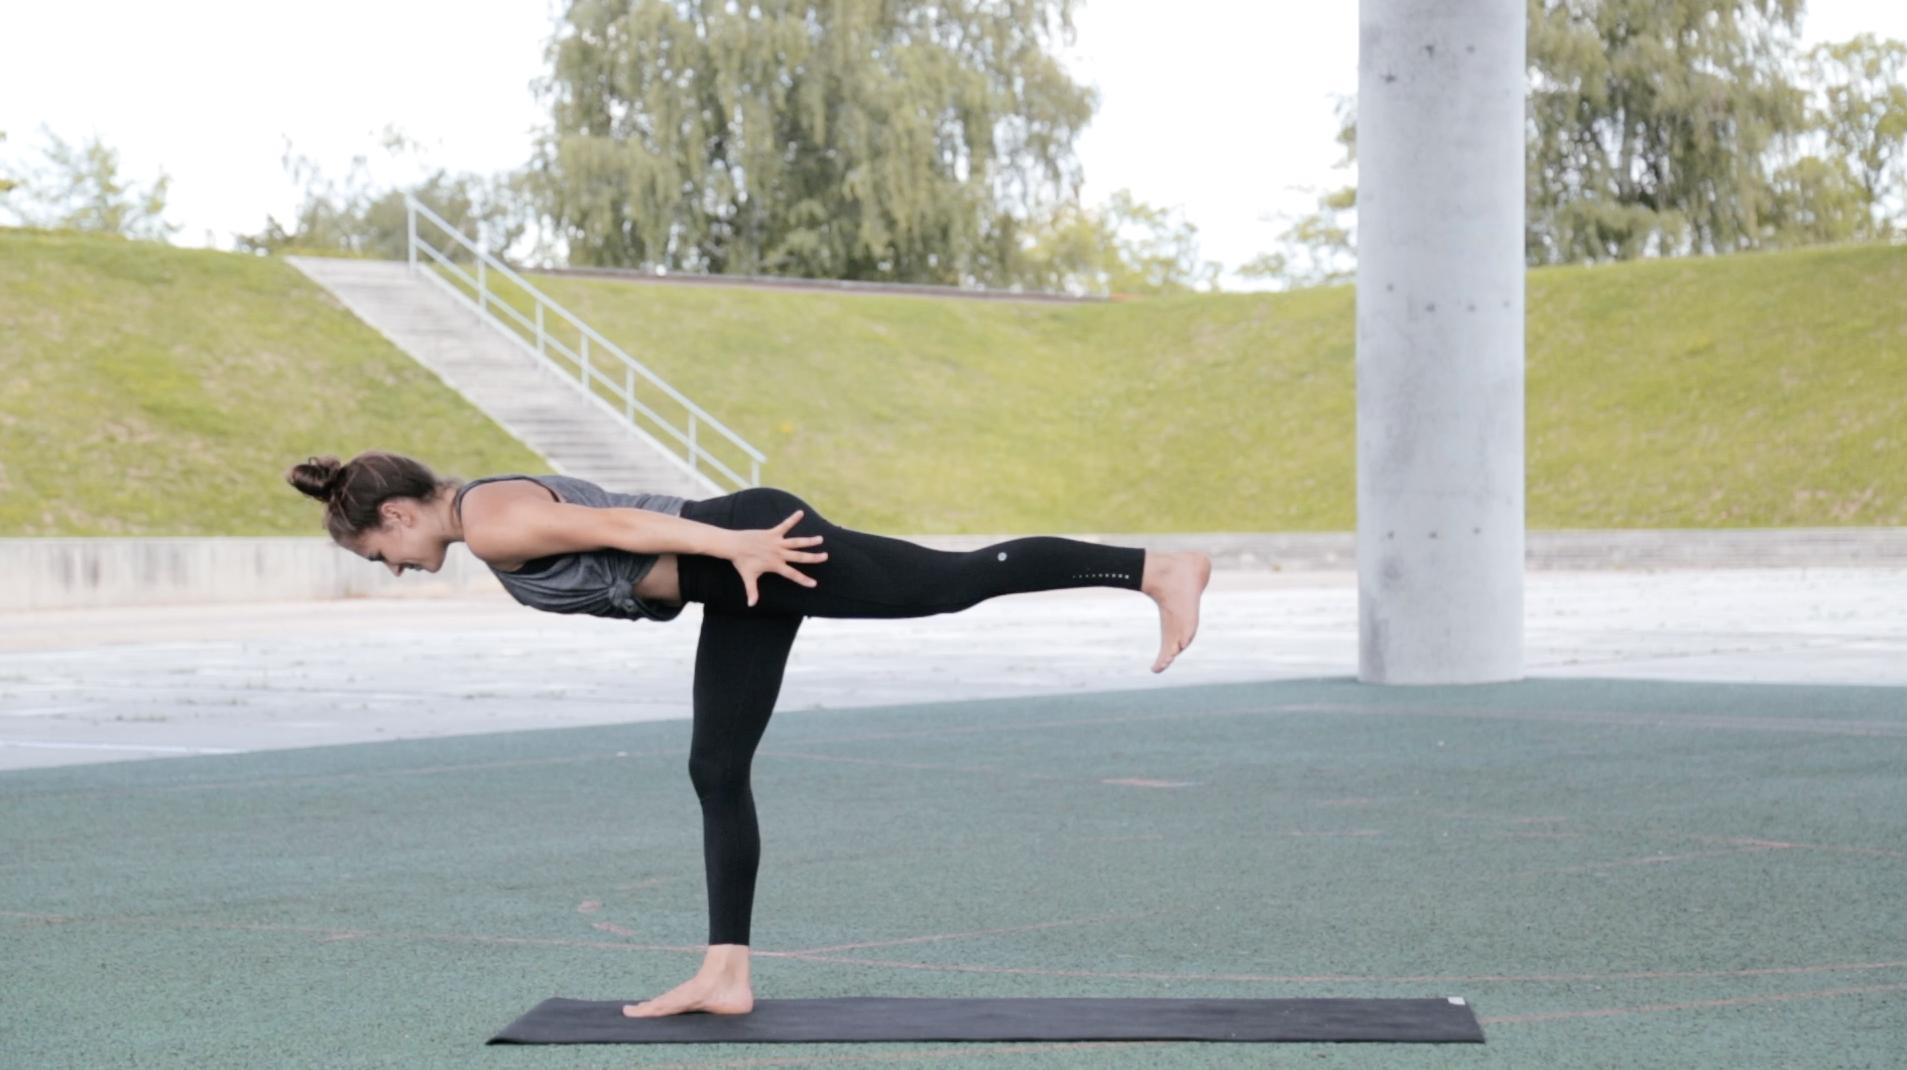 Mady-Morrison-yoga-Warrior-Flow-00013